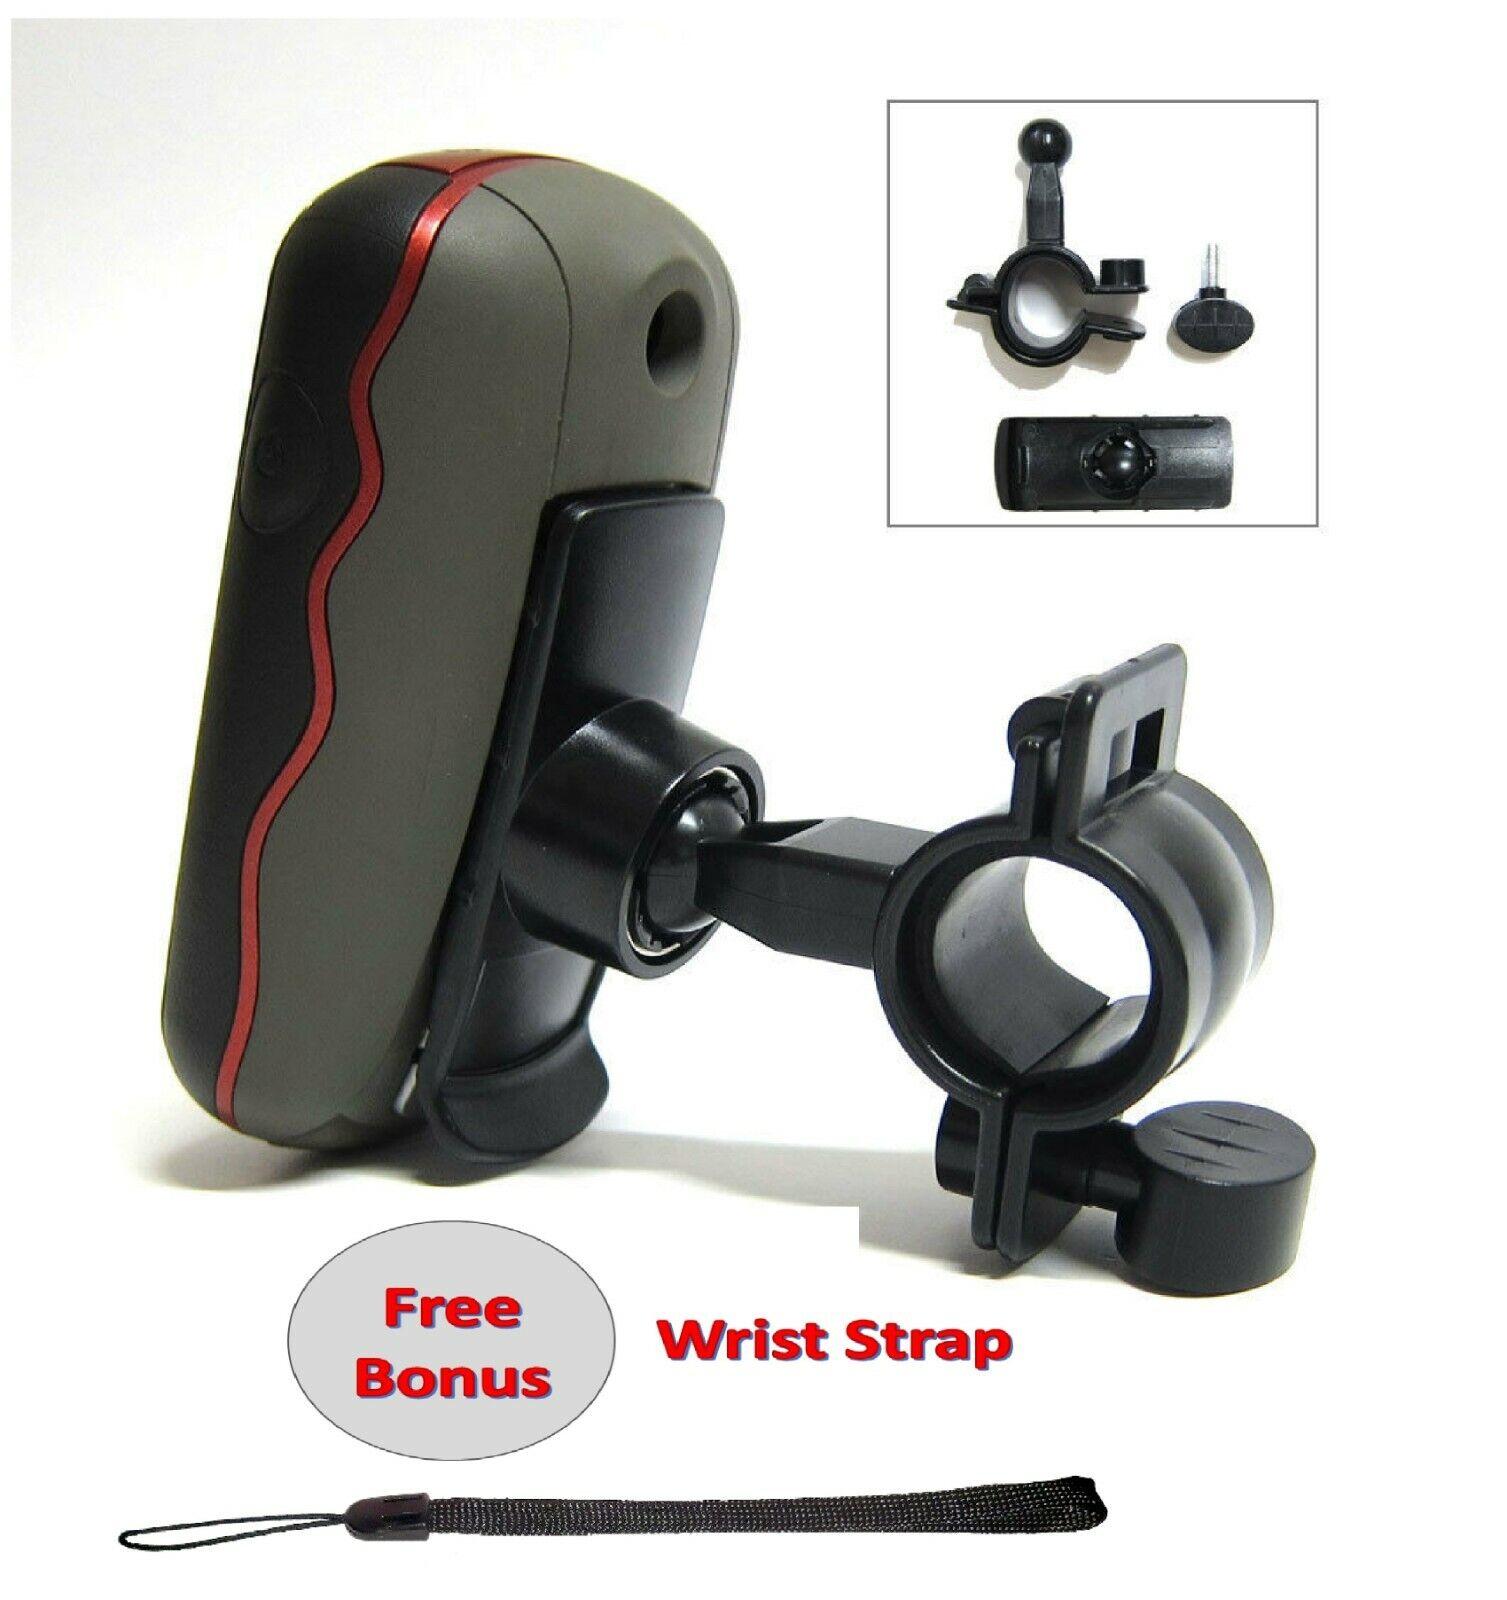 Motorcycle Bike Mount Holder Kit Fits Gps Garmin Colorado 300 400c 400i 400t For Sale Online Ebay